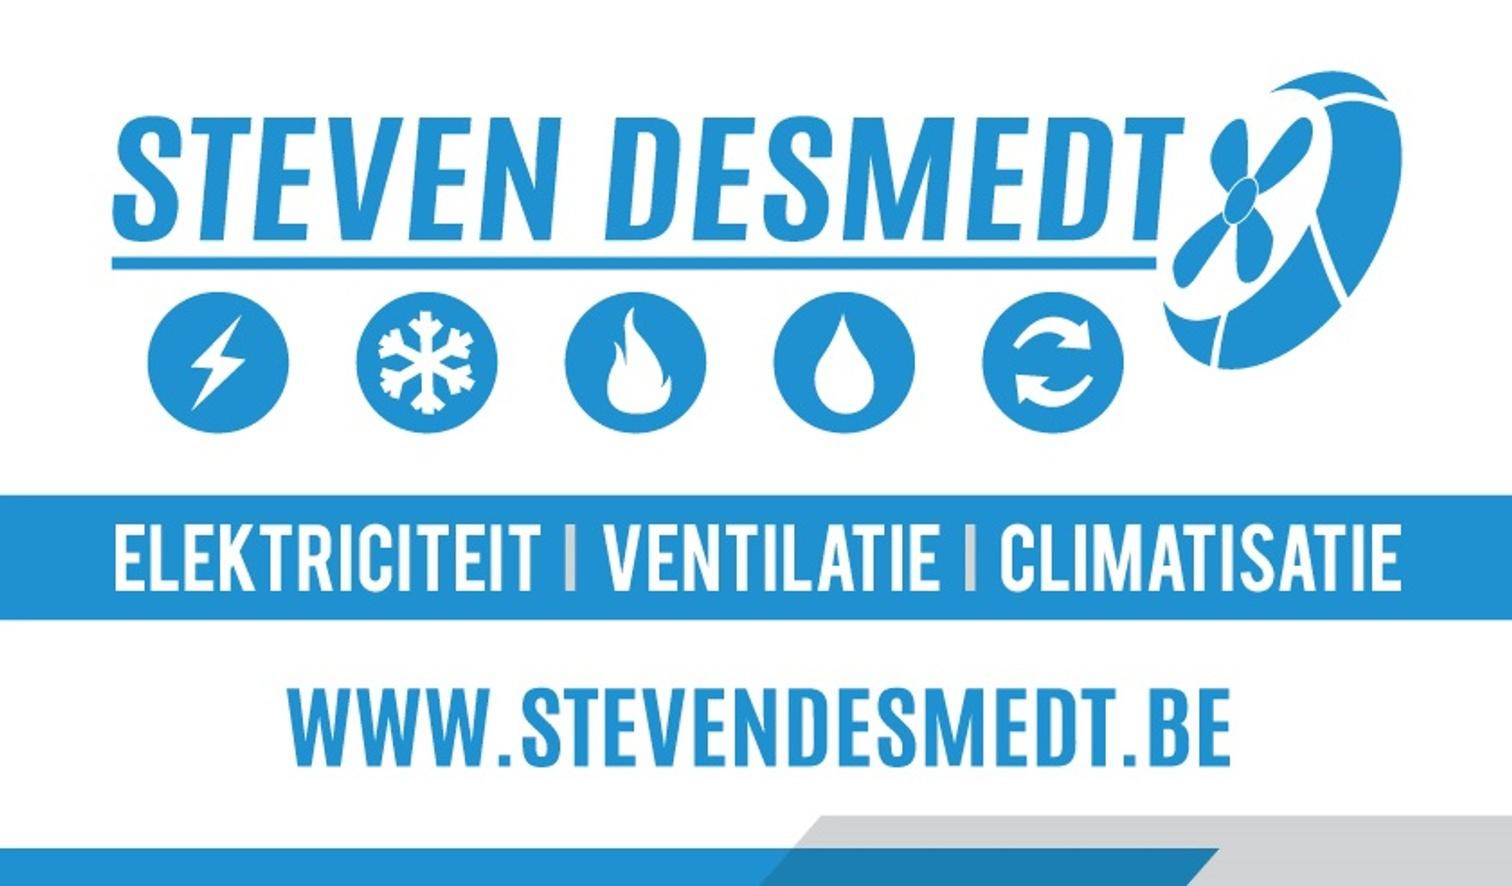 Steven Desmedt Elektriciteit,Ventilatie&Clima logo